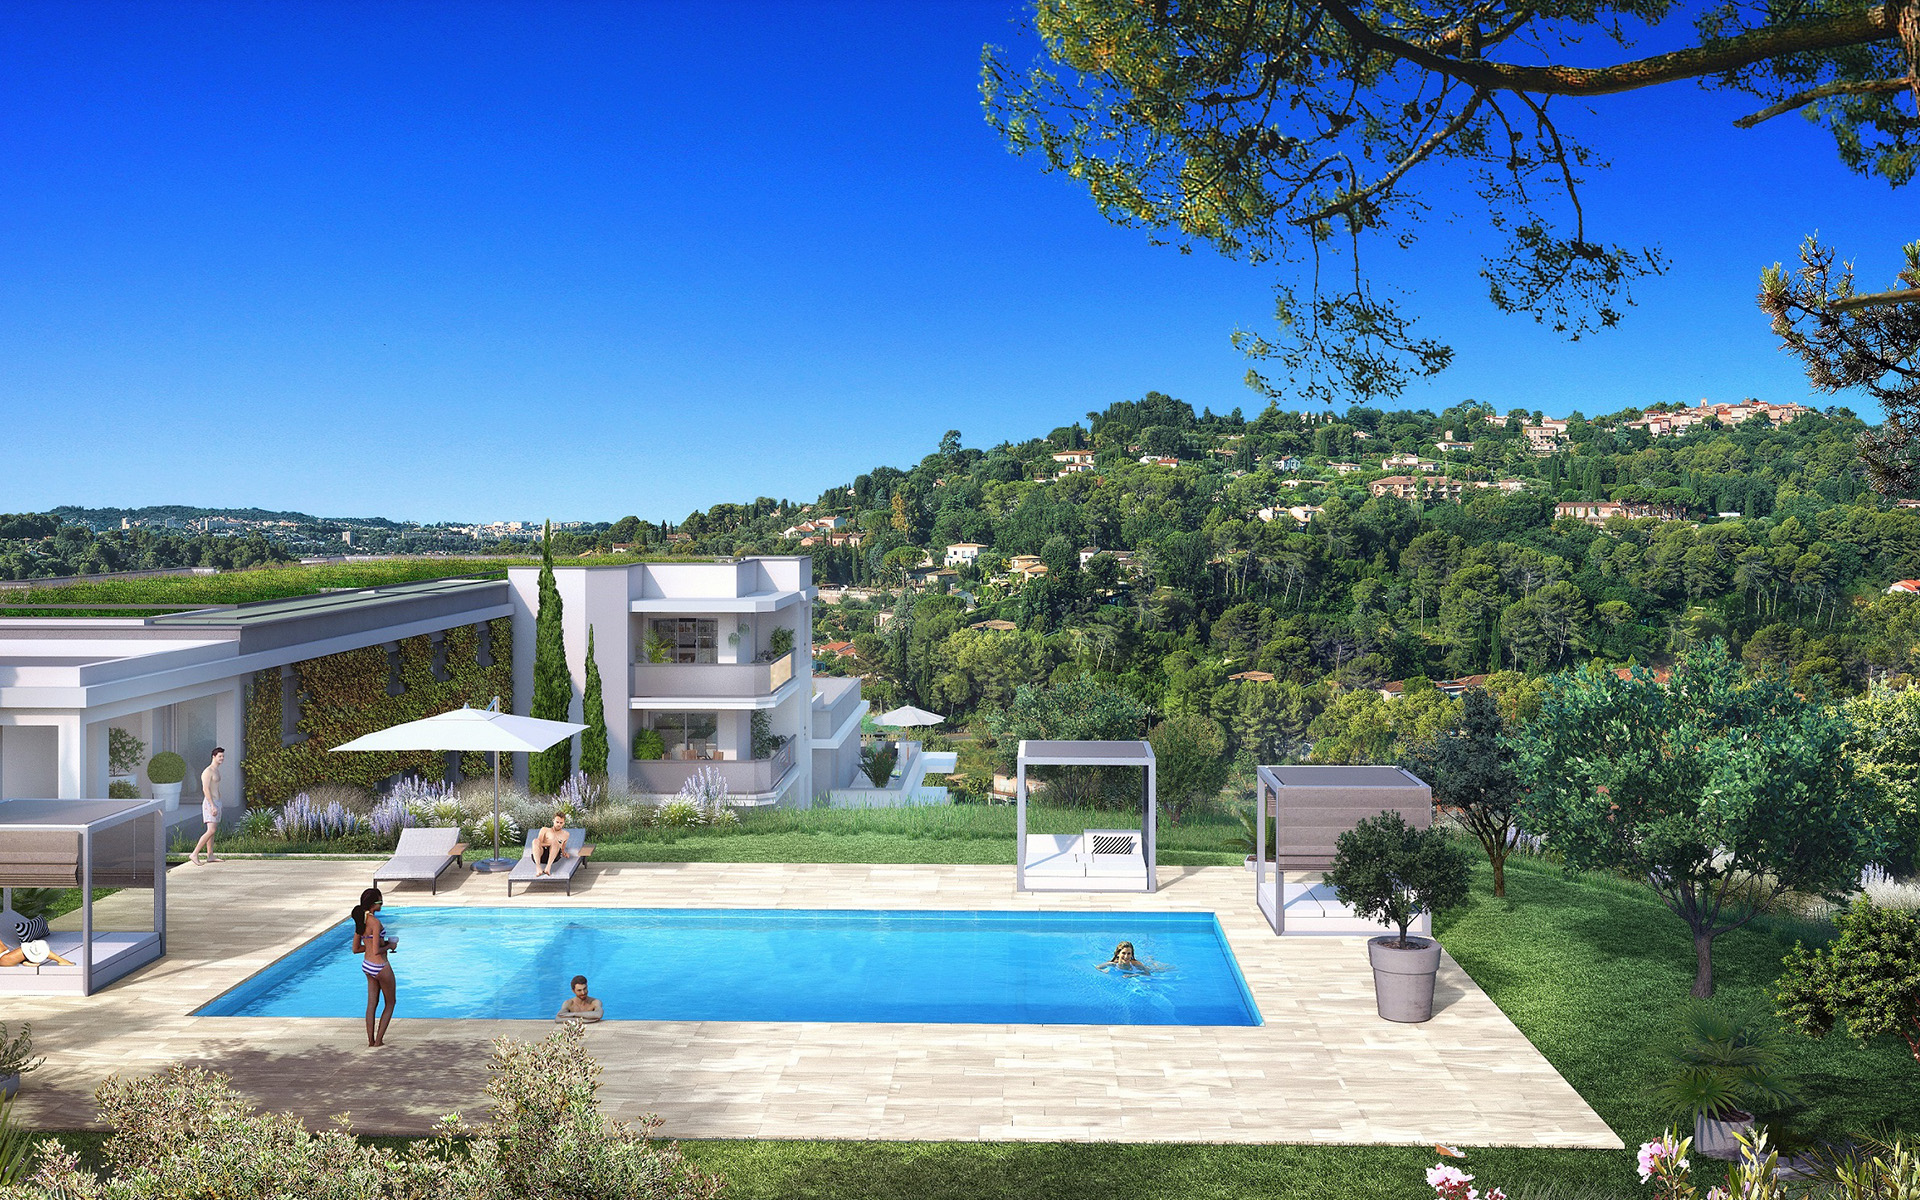 Villa neuve Côte d'Azur - Stone & Living